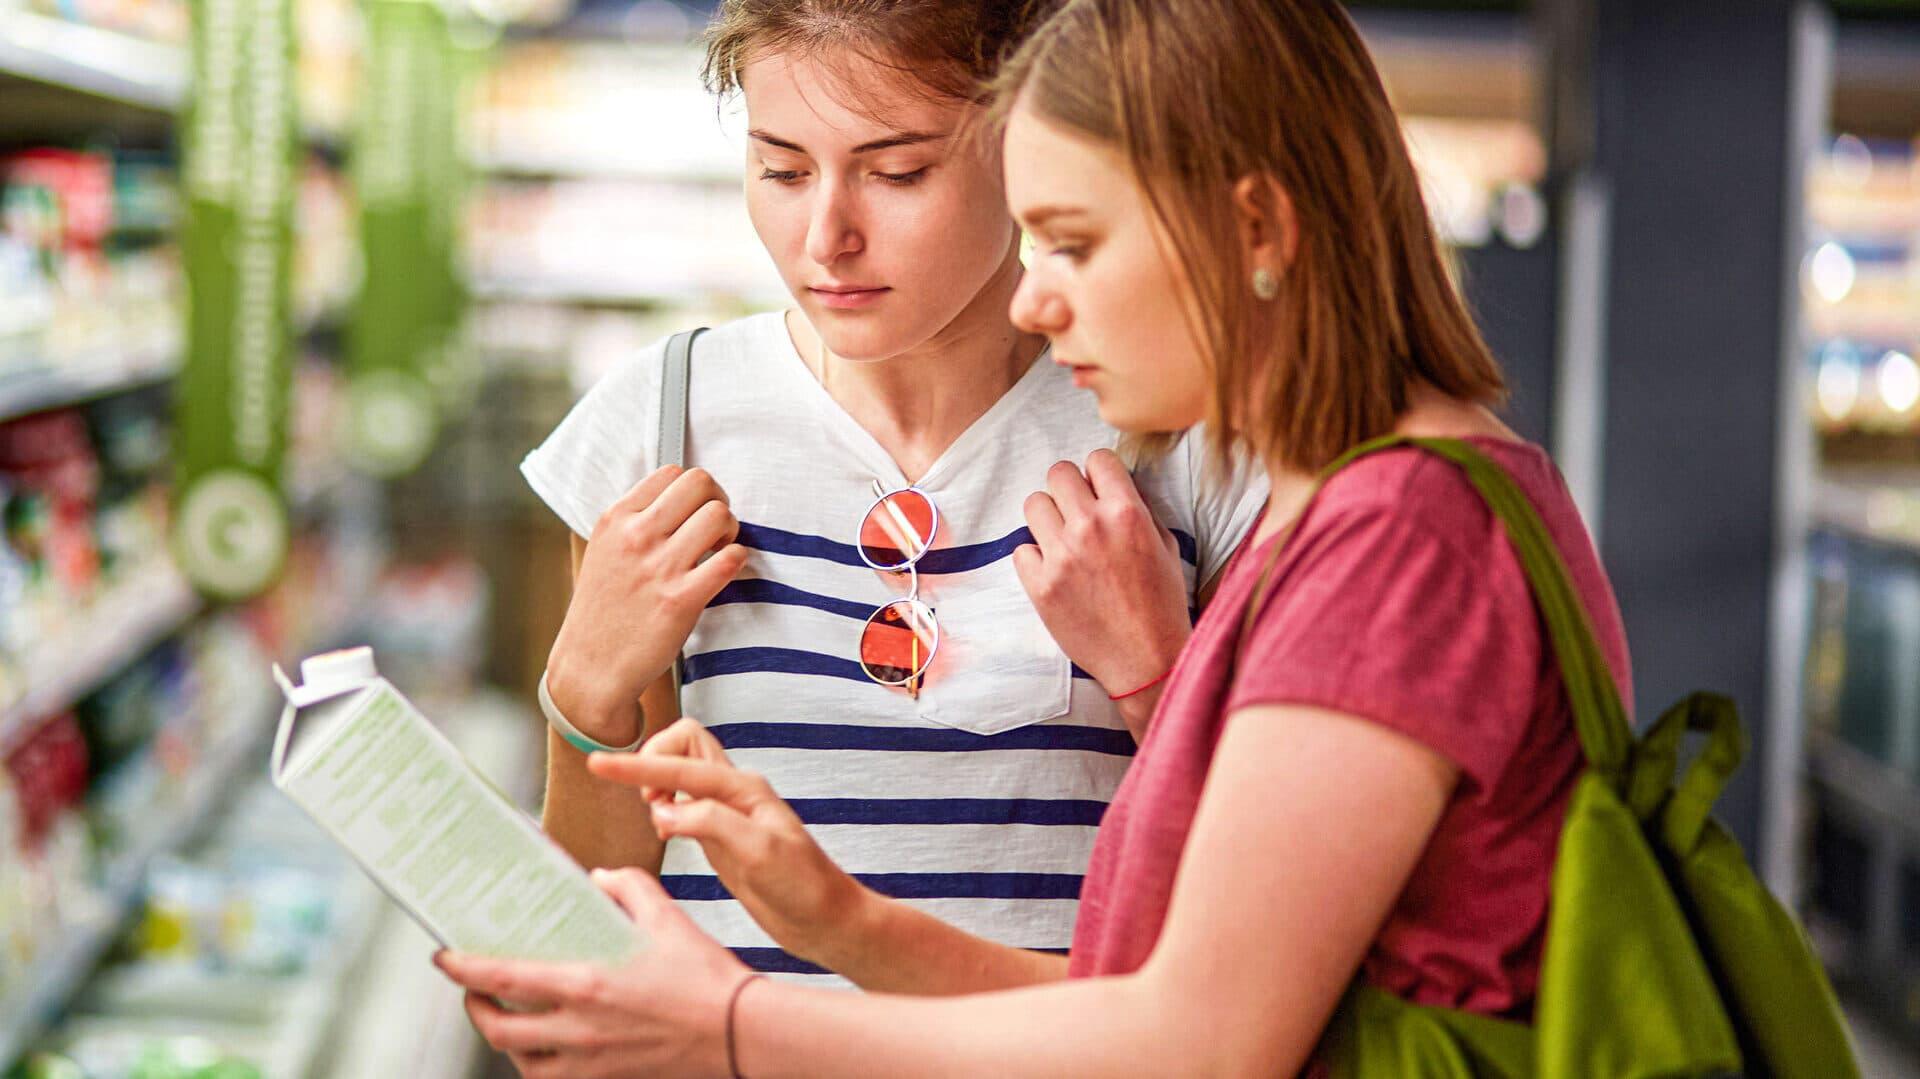 Zwei Frauen lesen die Zutatenliste auf einem Haferdrink